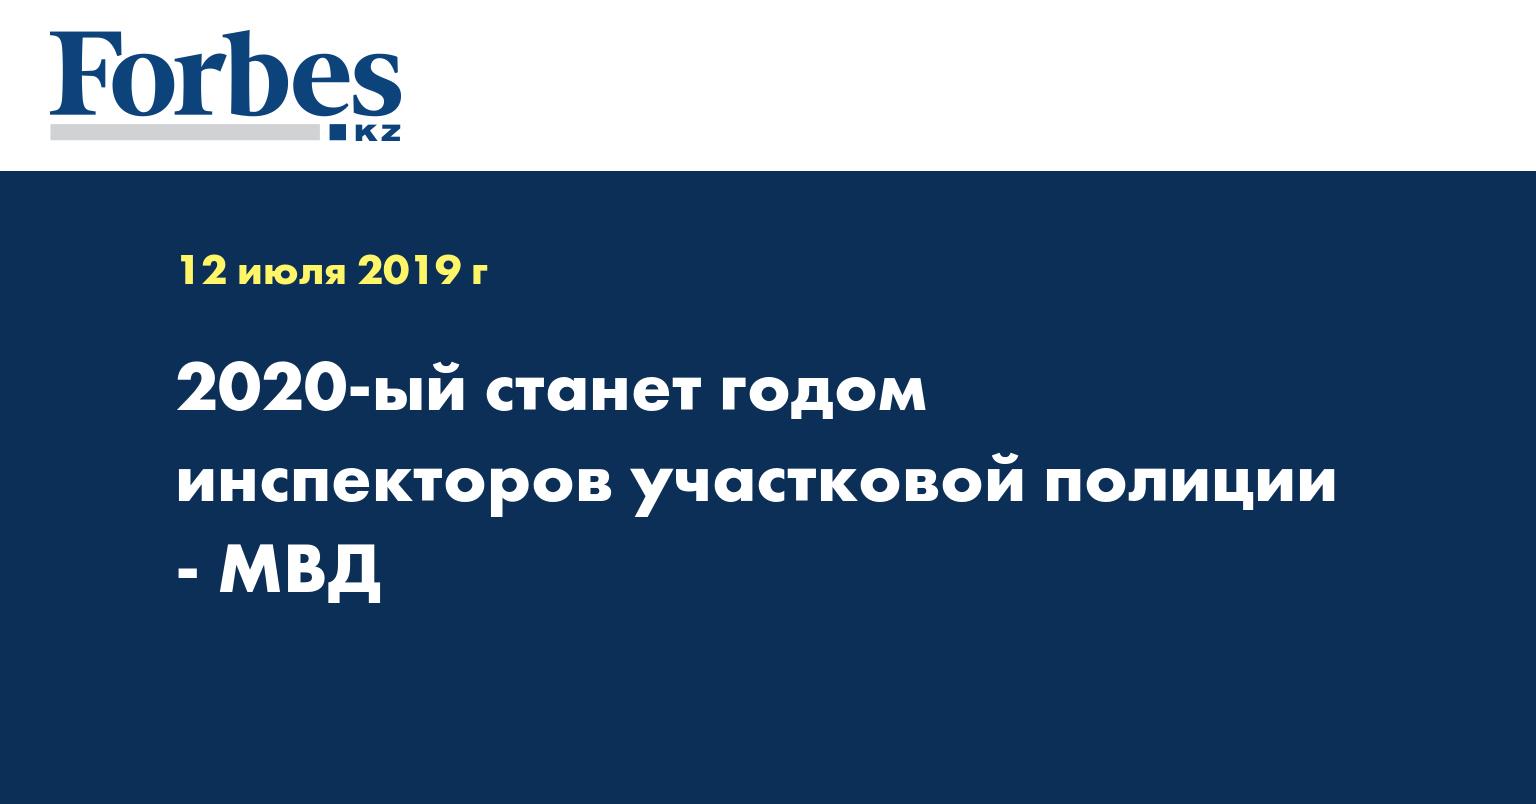 2020-ый станет годом инспекторов участковой полиции - МВД